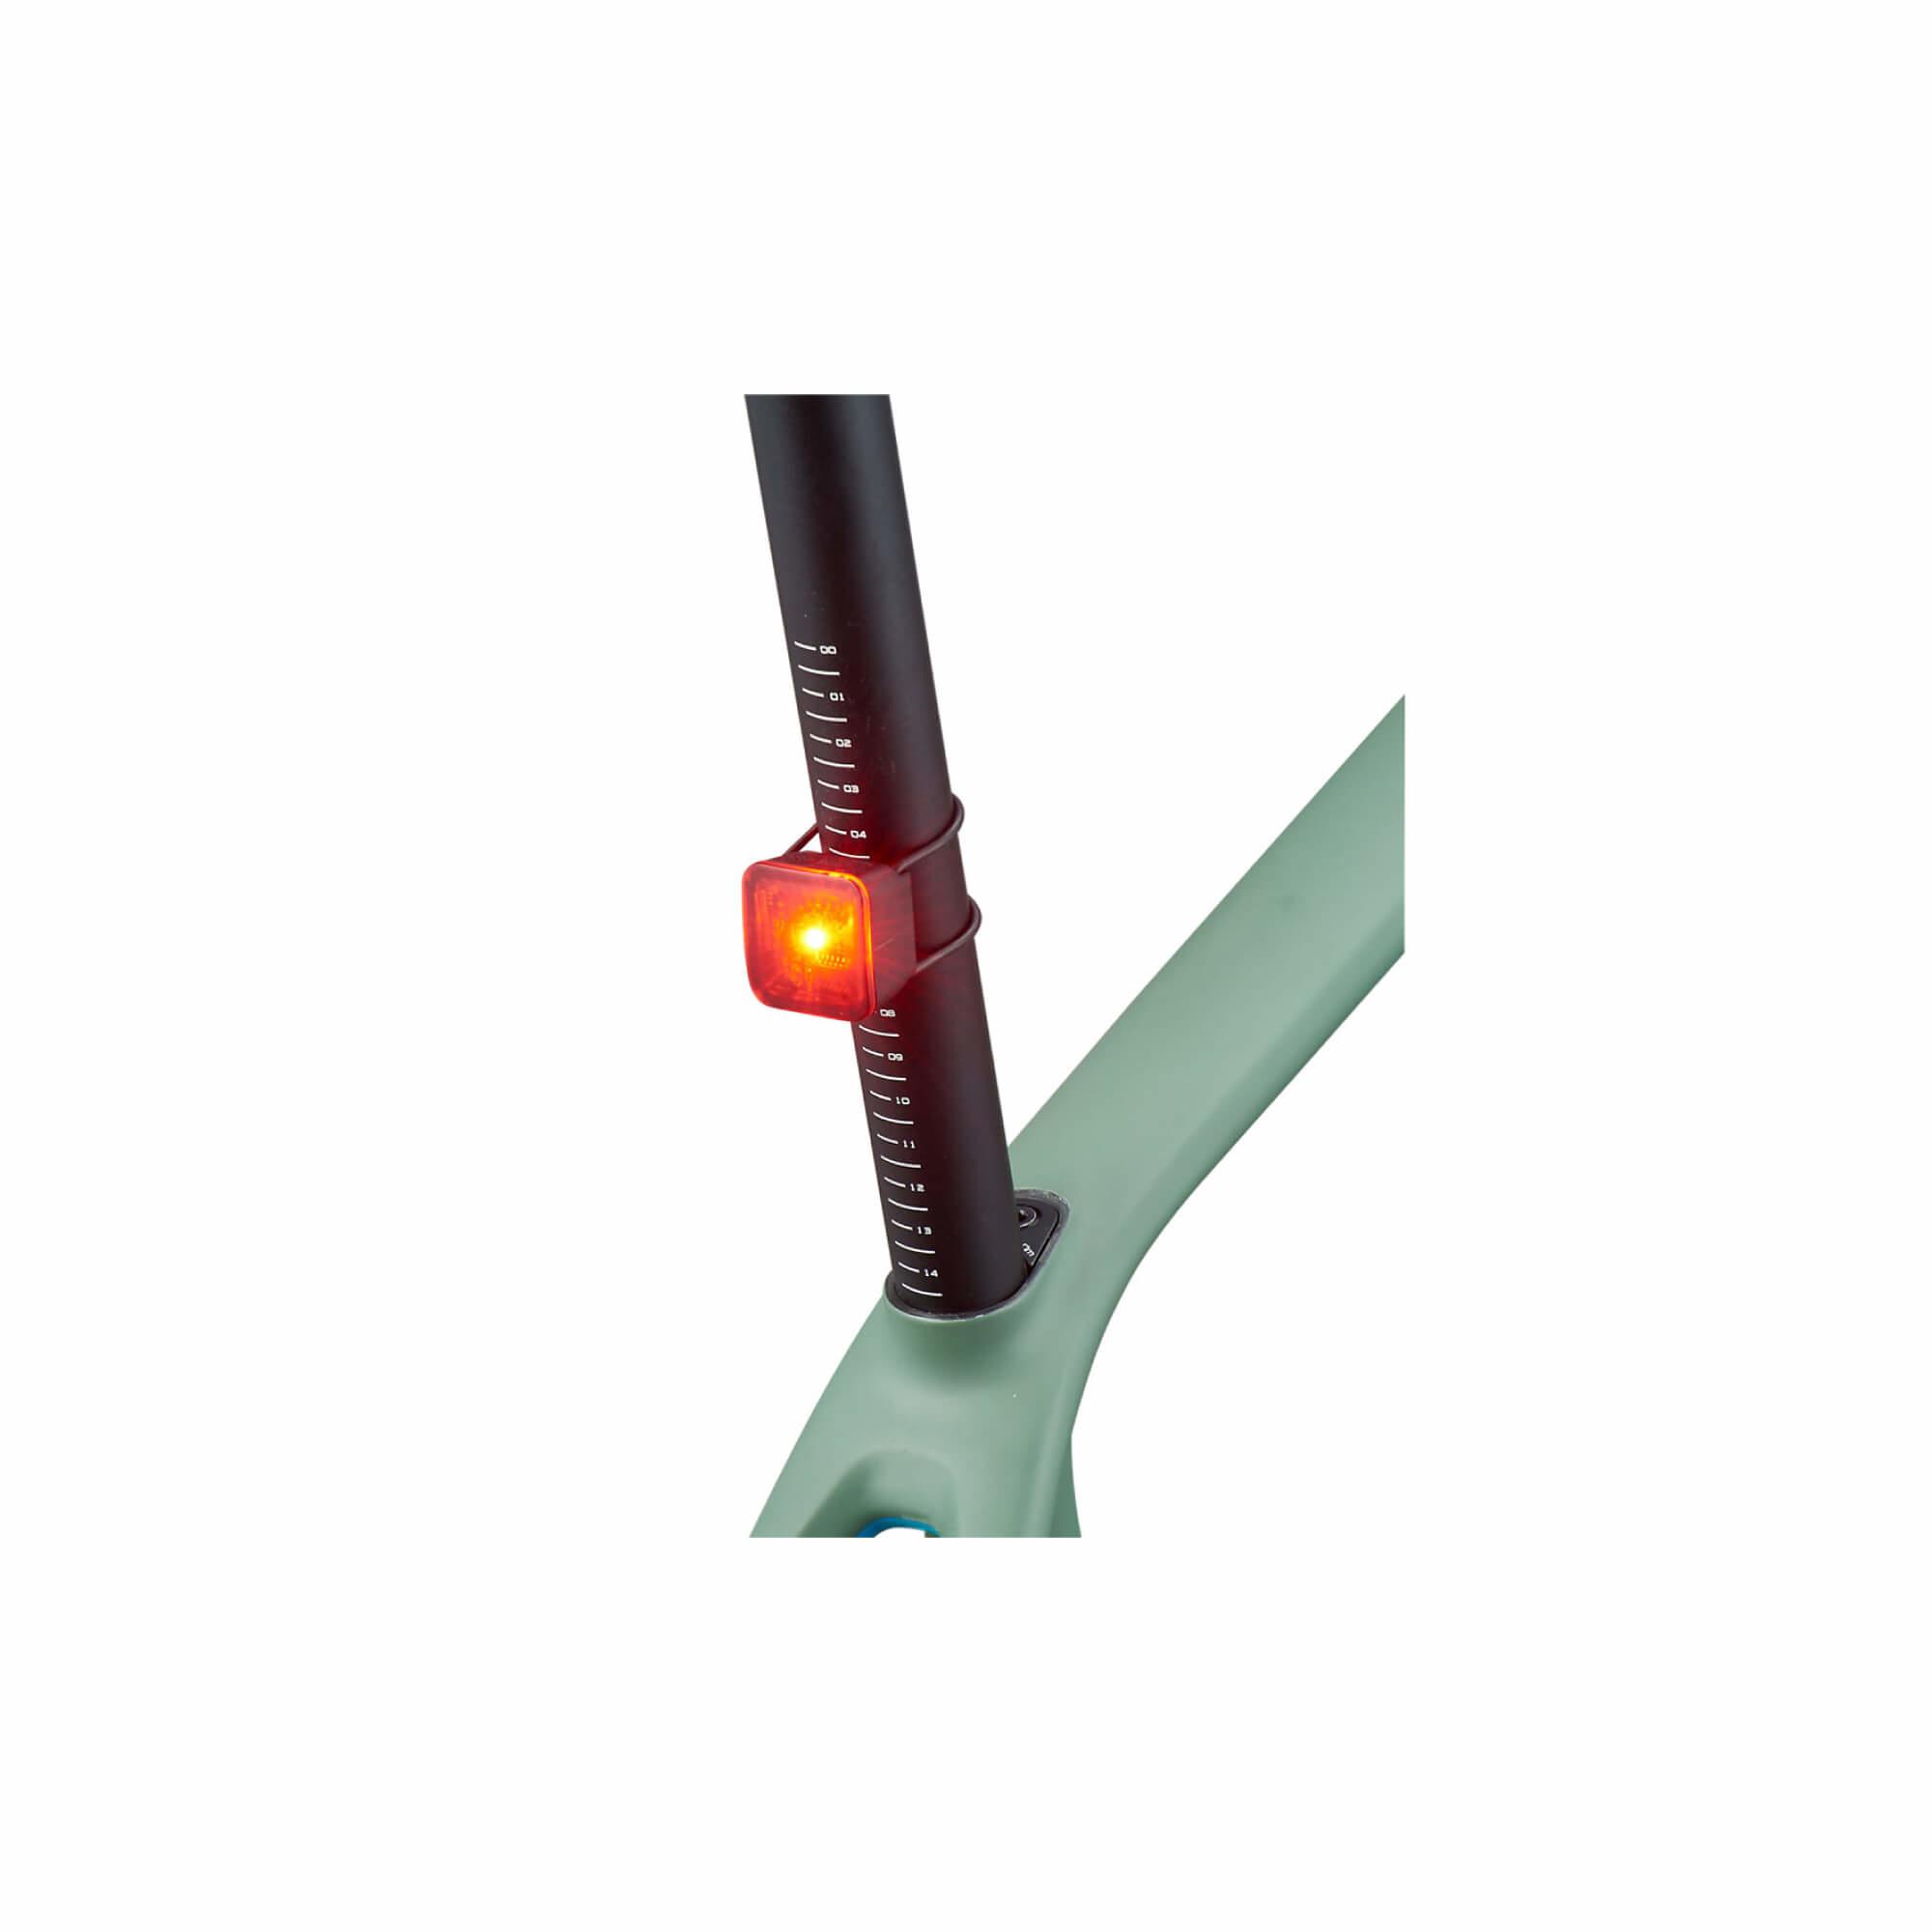 Flash Combo Headlight/Taillight-6